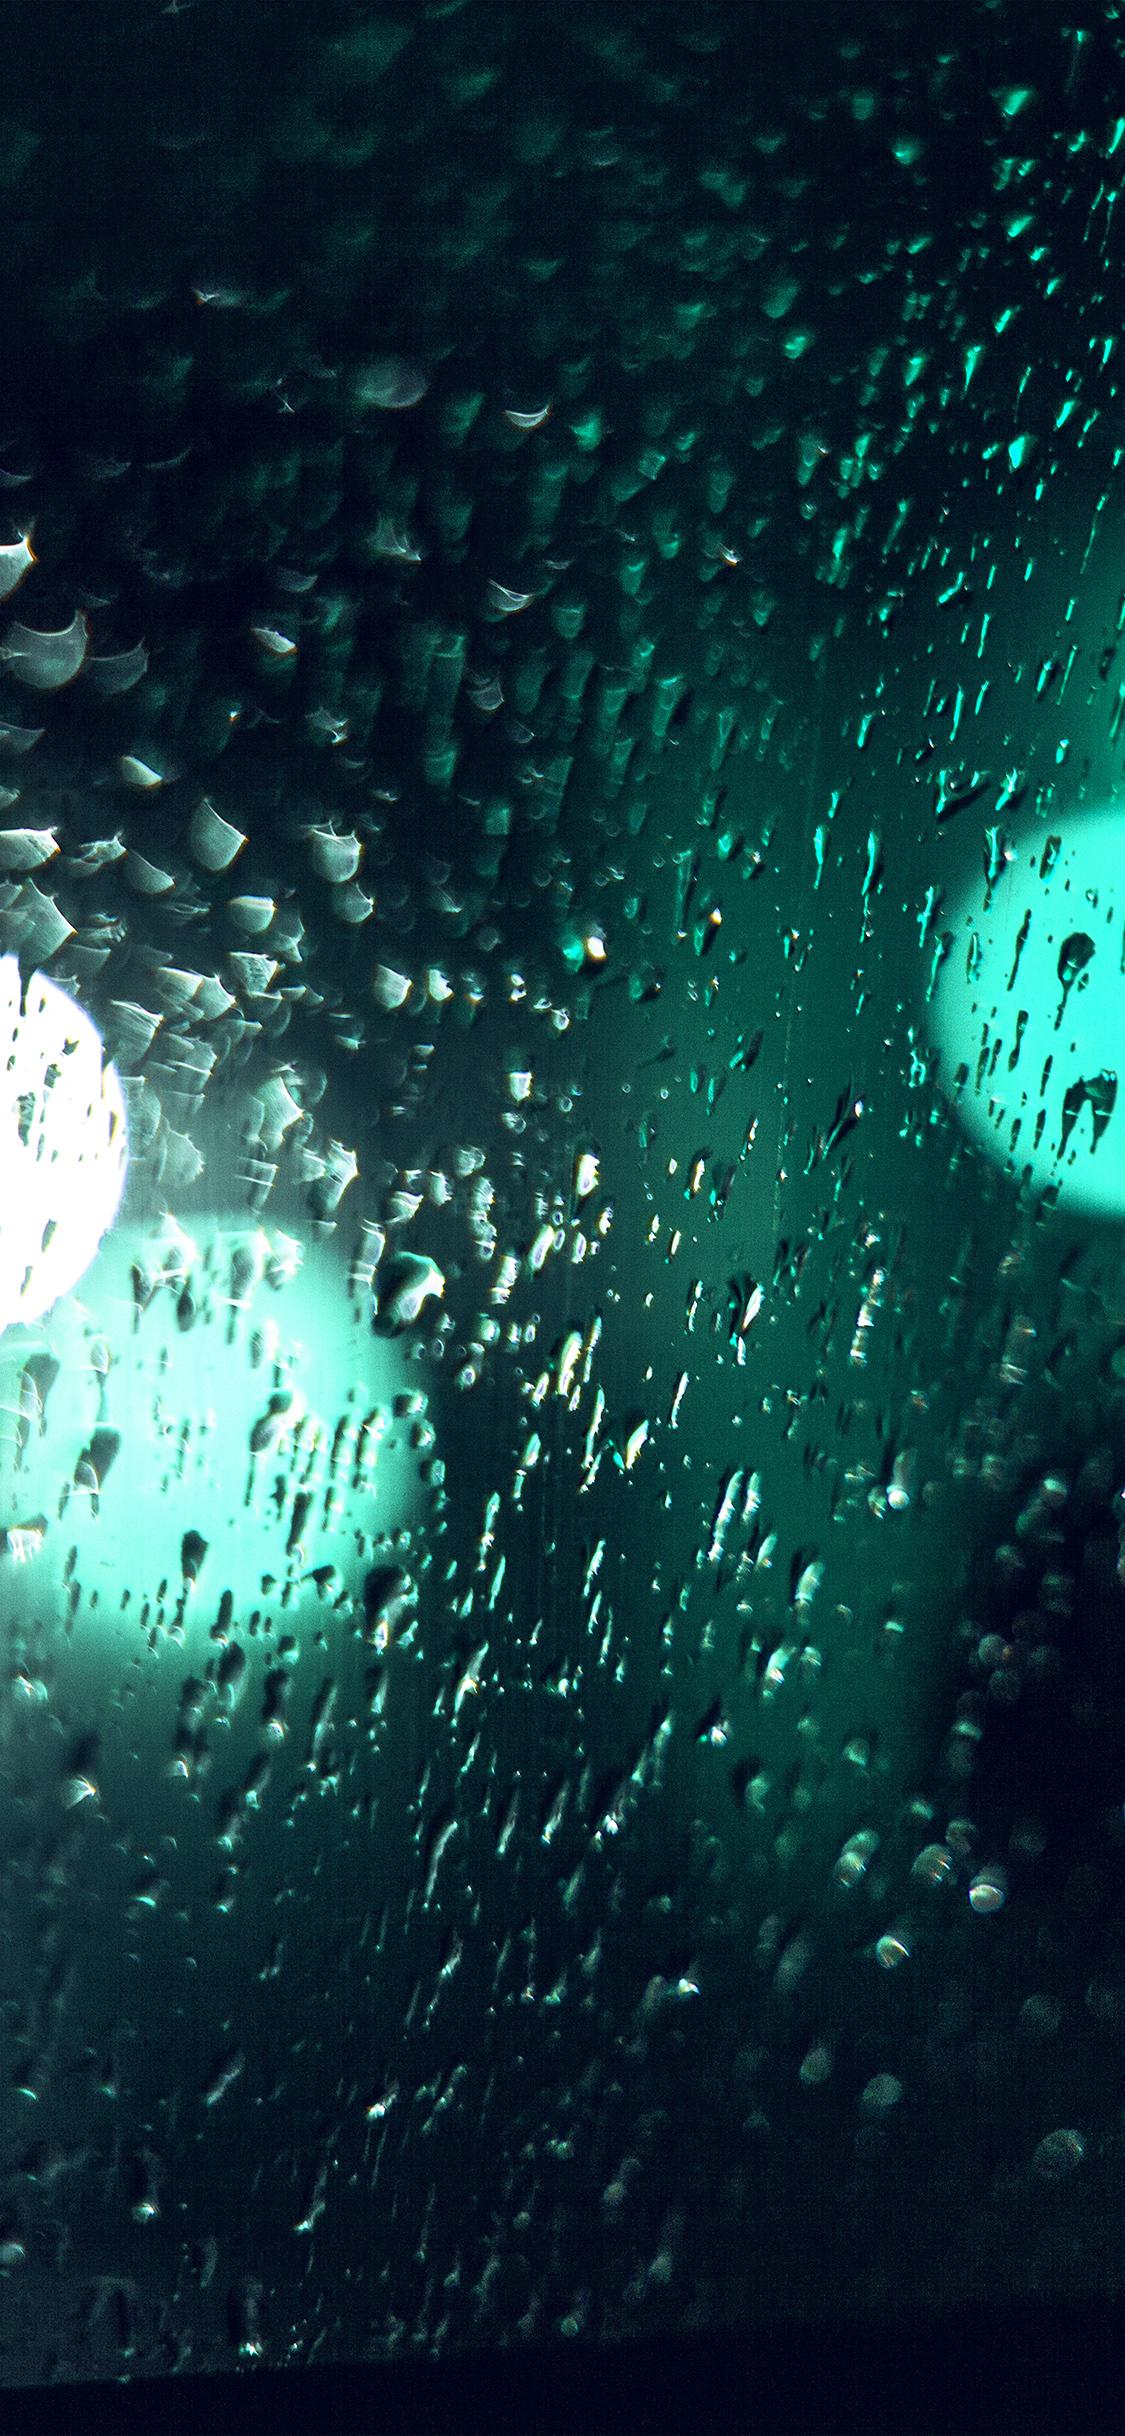 iPhone X 桌布、iPhone 桌布、雨天桌布iPhone X 桌布、iPhone 桌布、雨天桌布